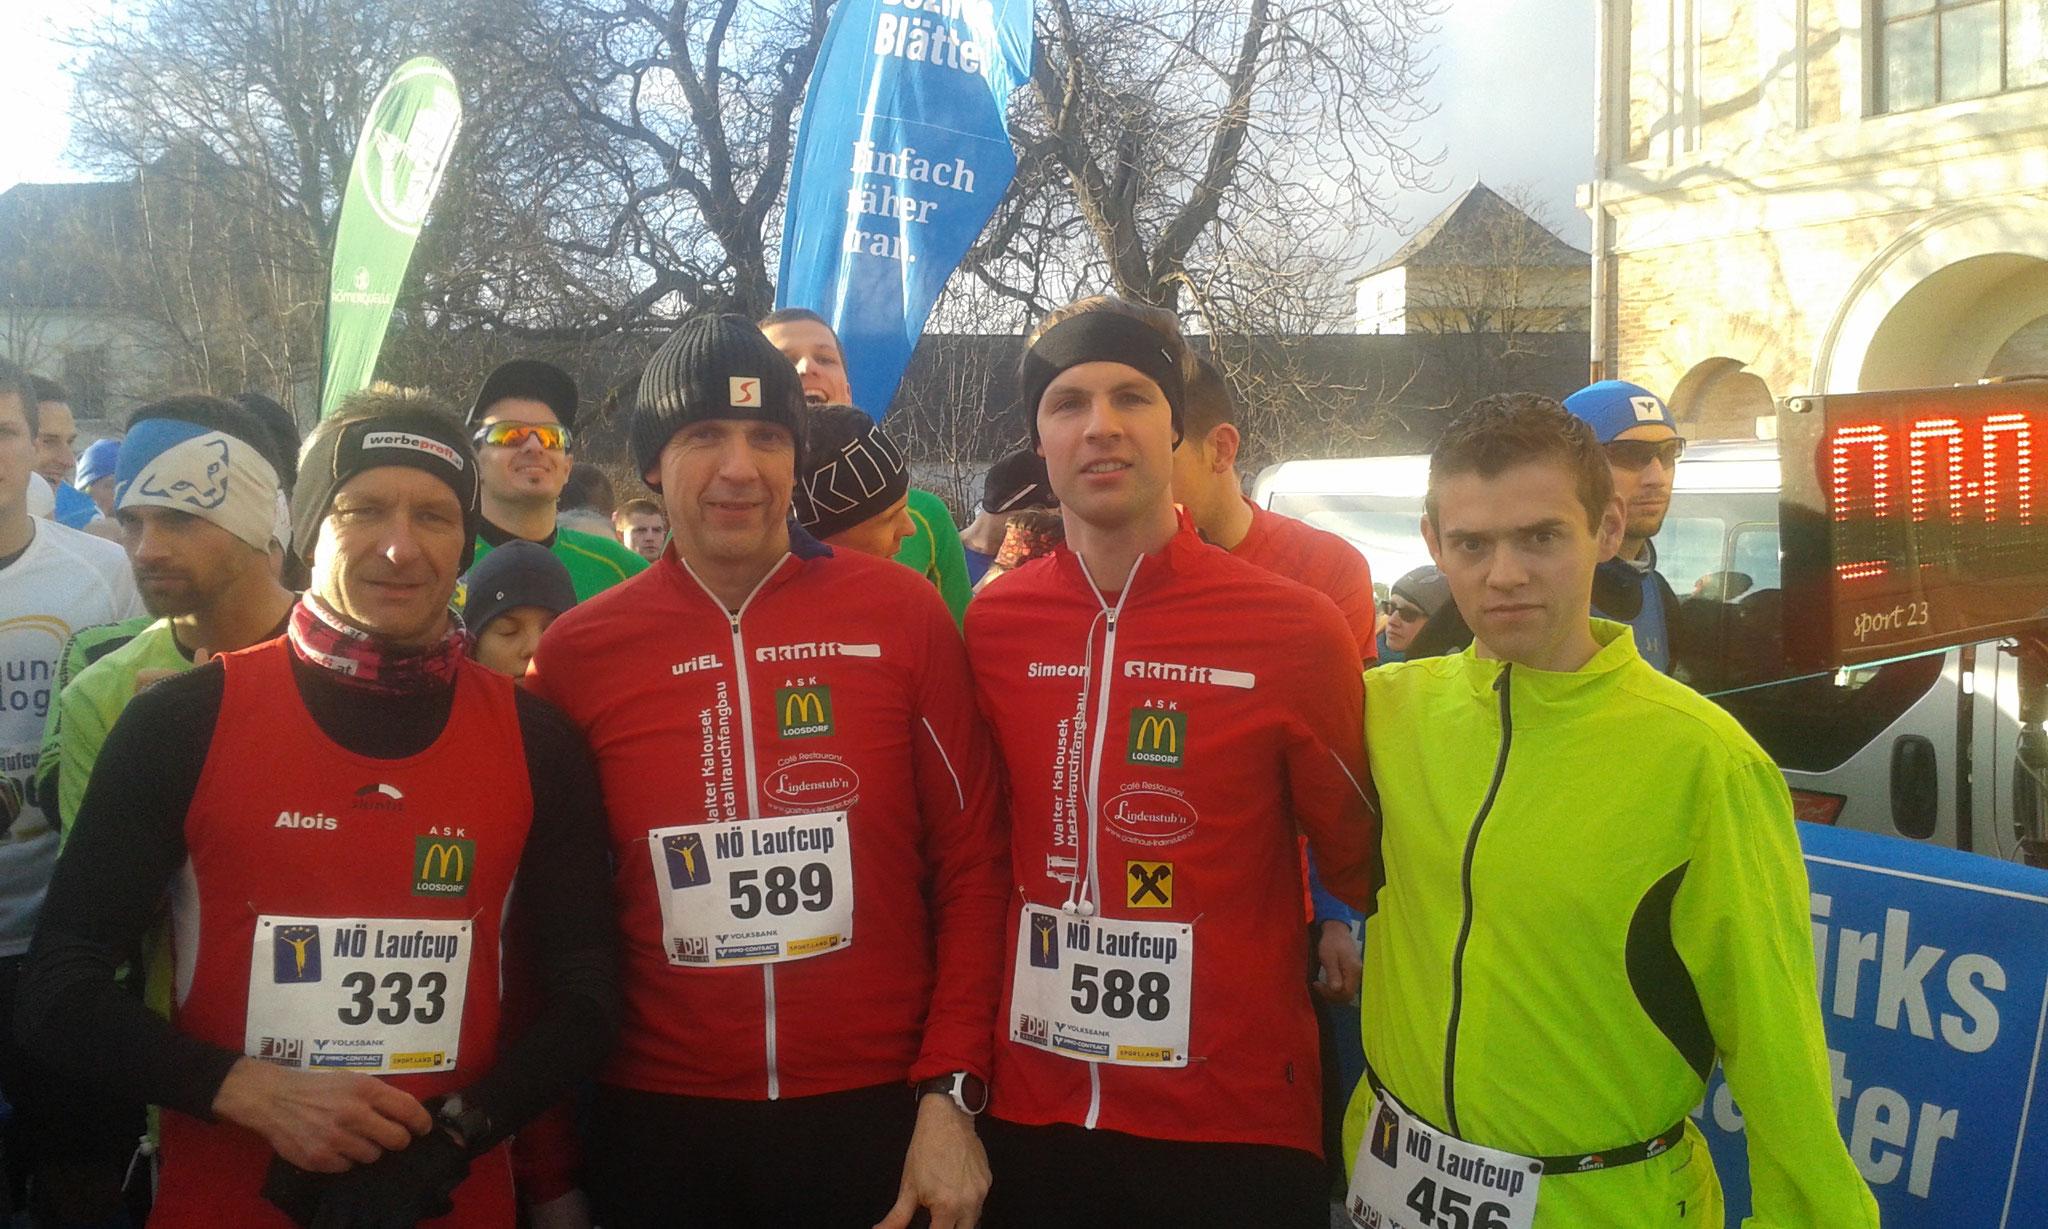 Toller Lauf unserer Athleten Alois, Wolfgang, Simeon, Martin